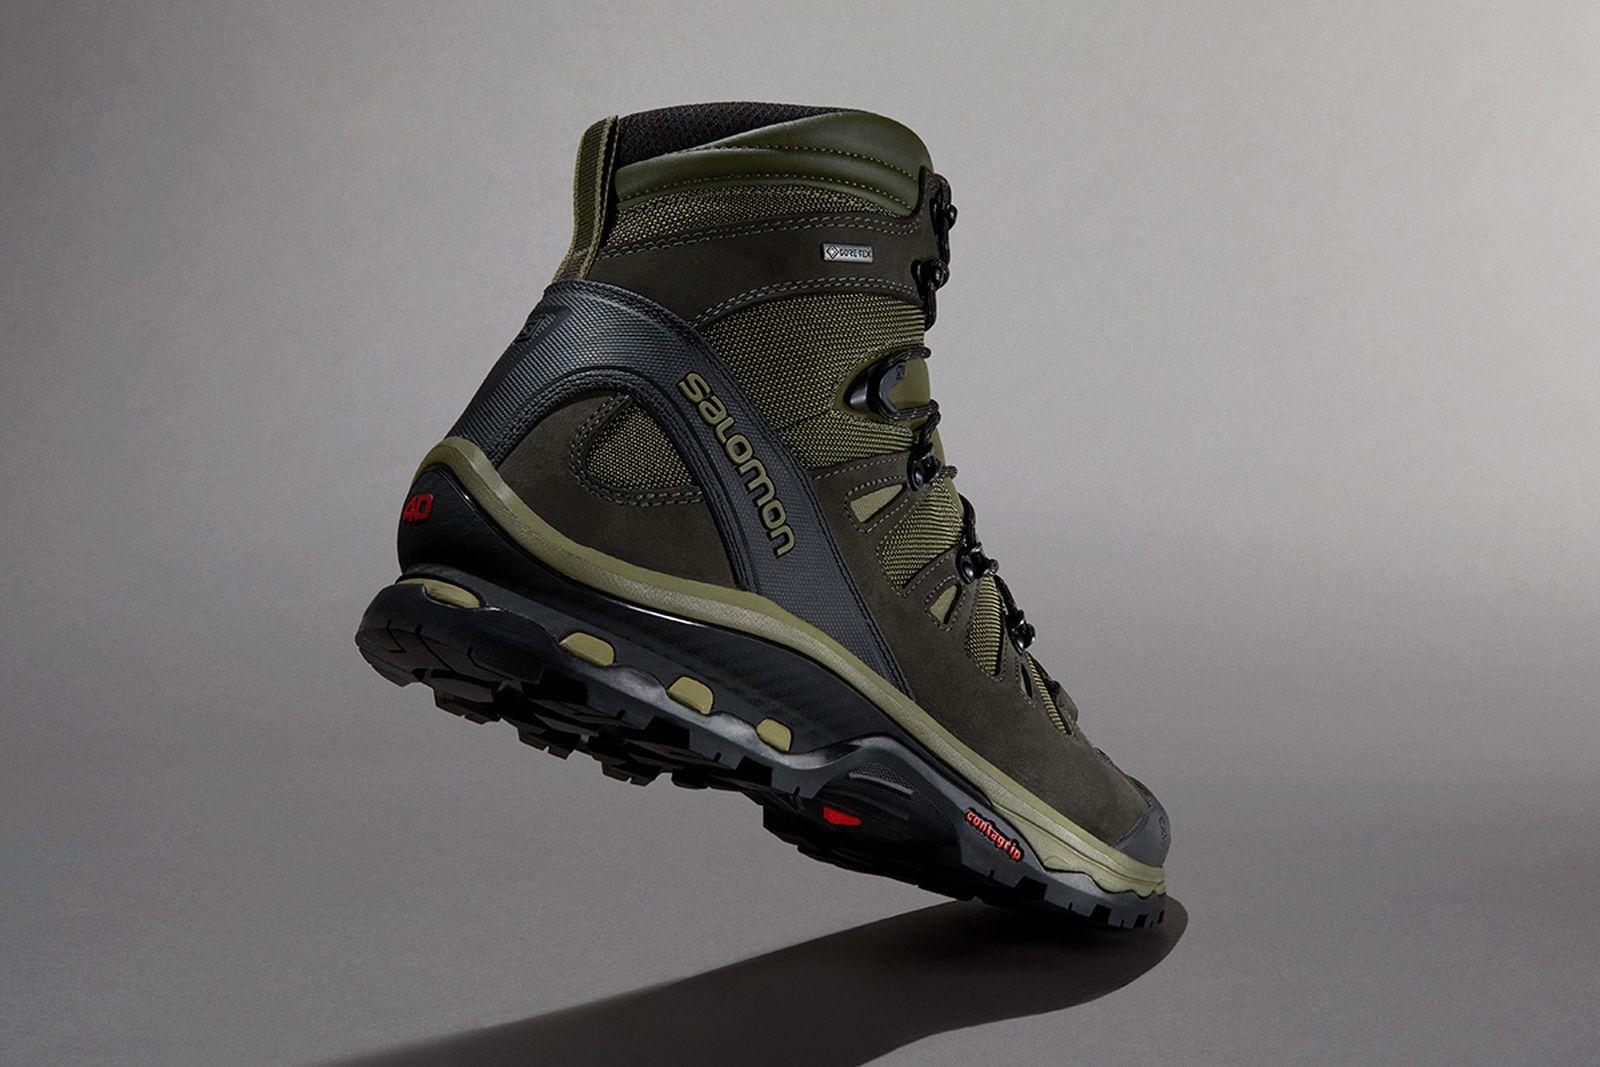 salomon-trekking-boots-outdoors-eoy